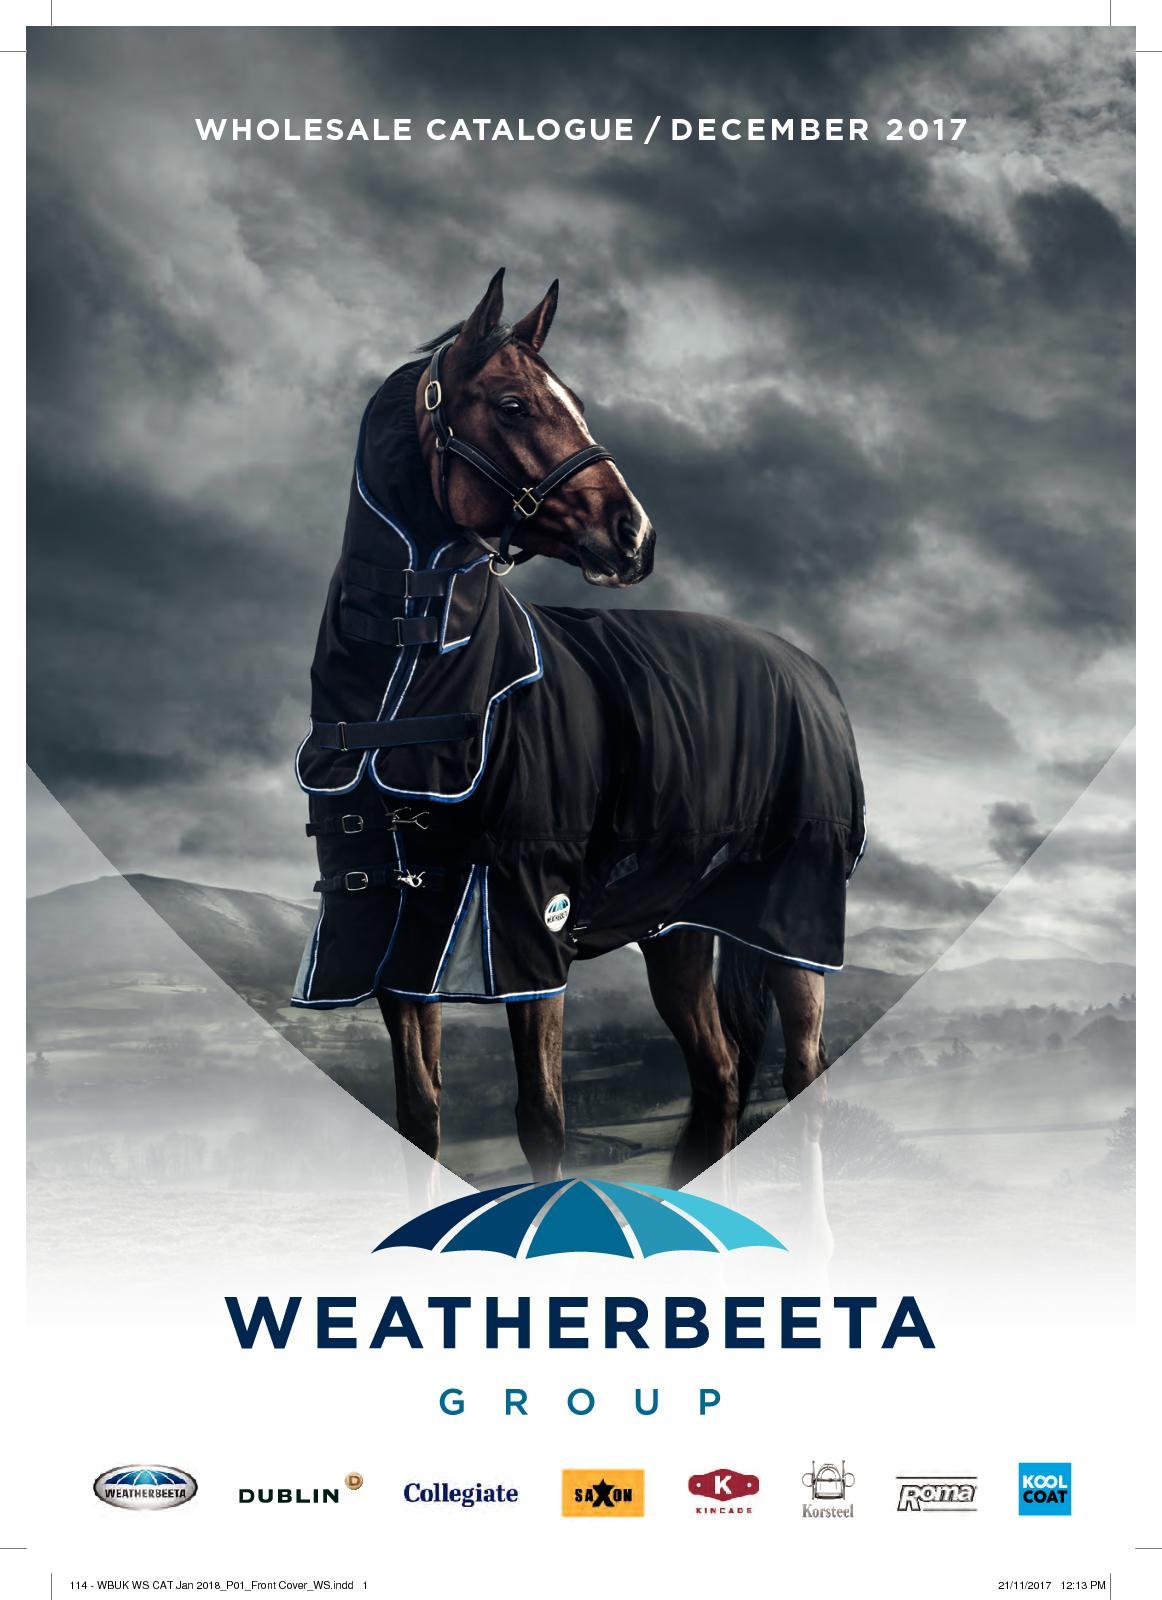 32240cbfacf Calaméo - Weatherbeeta UK Wholesale Catalogue December 2017